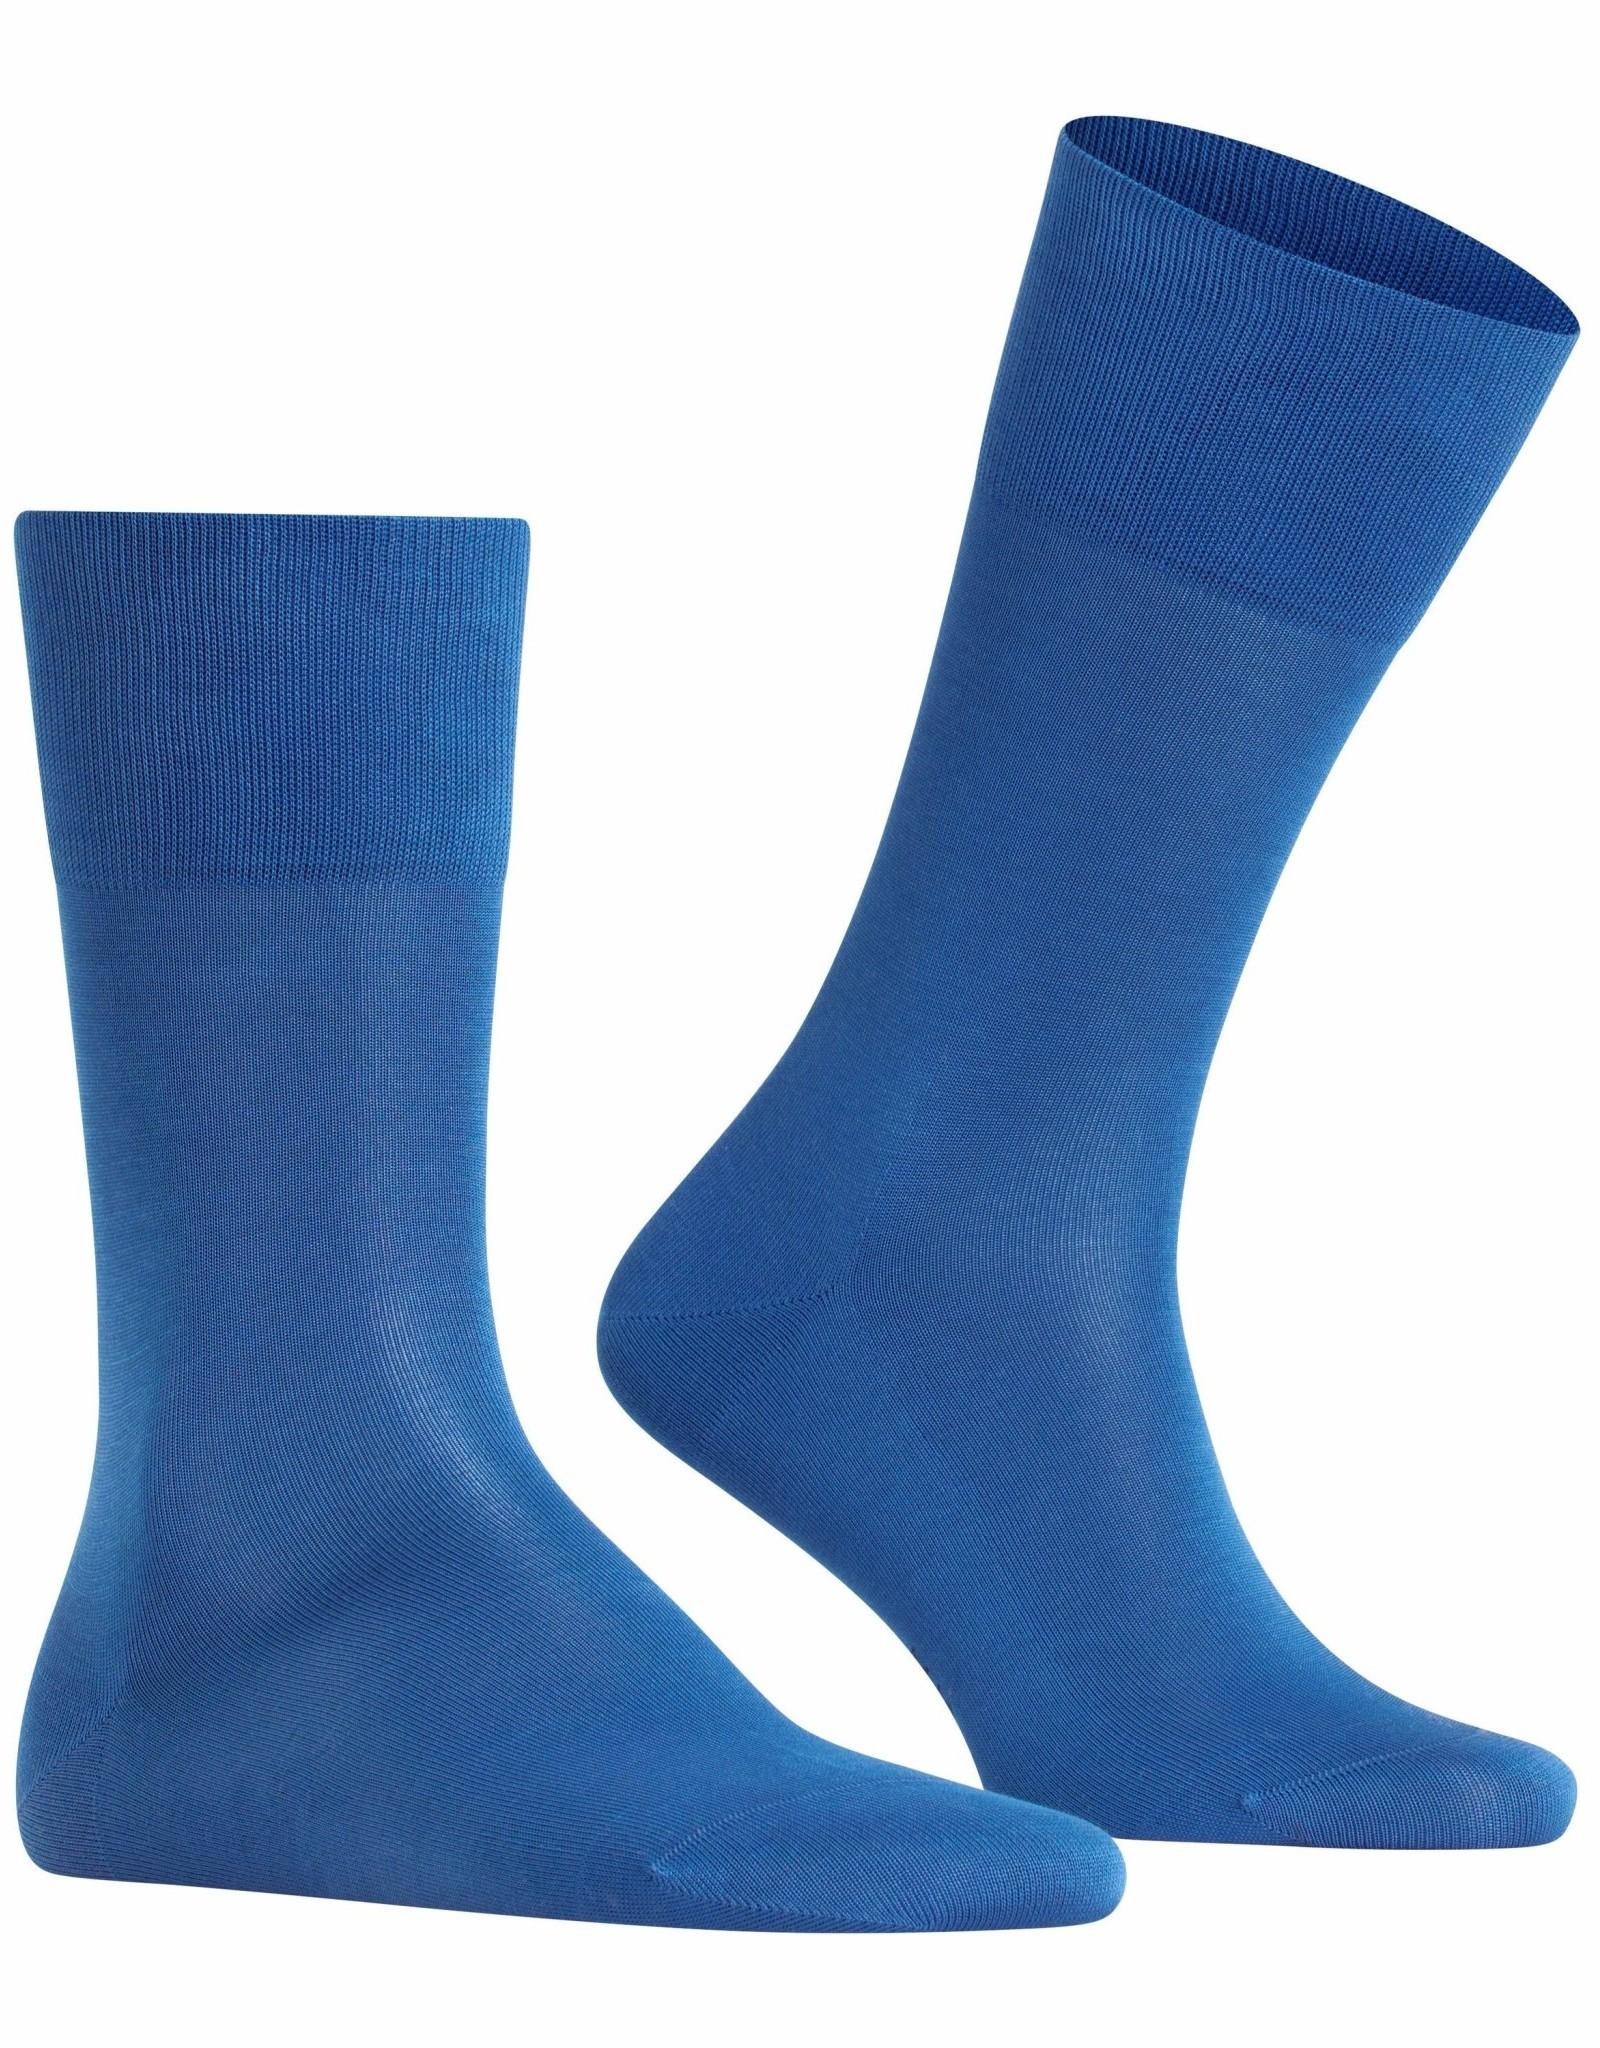 Falke Tiago korte sokken saffierblauw